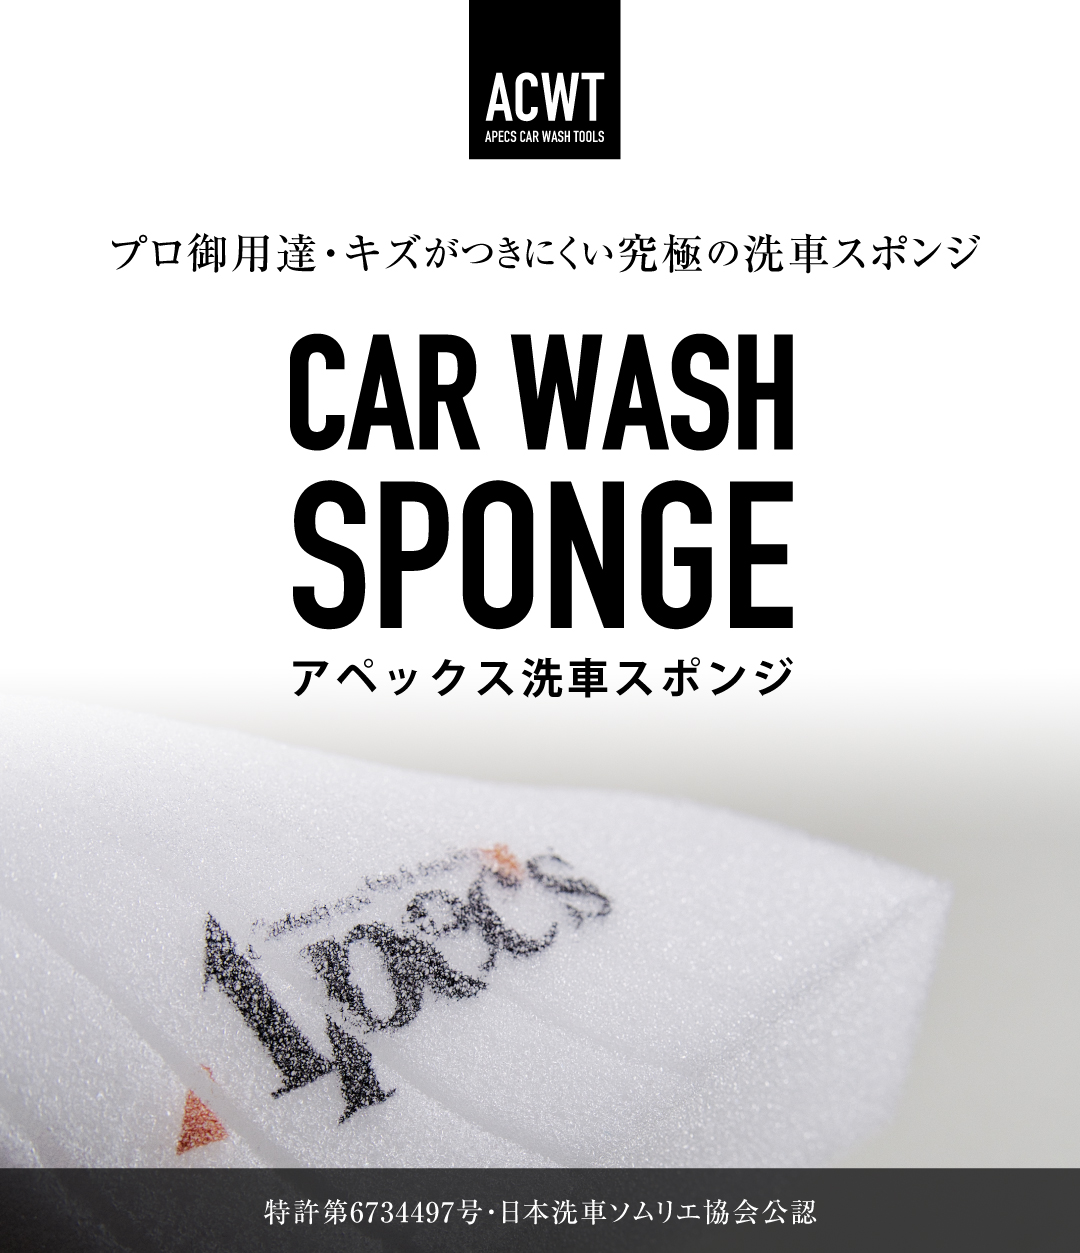 アペックス洗車スポンジ